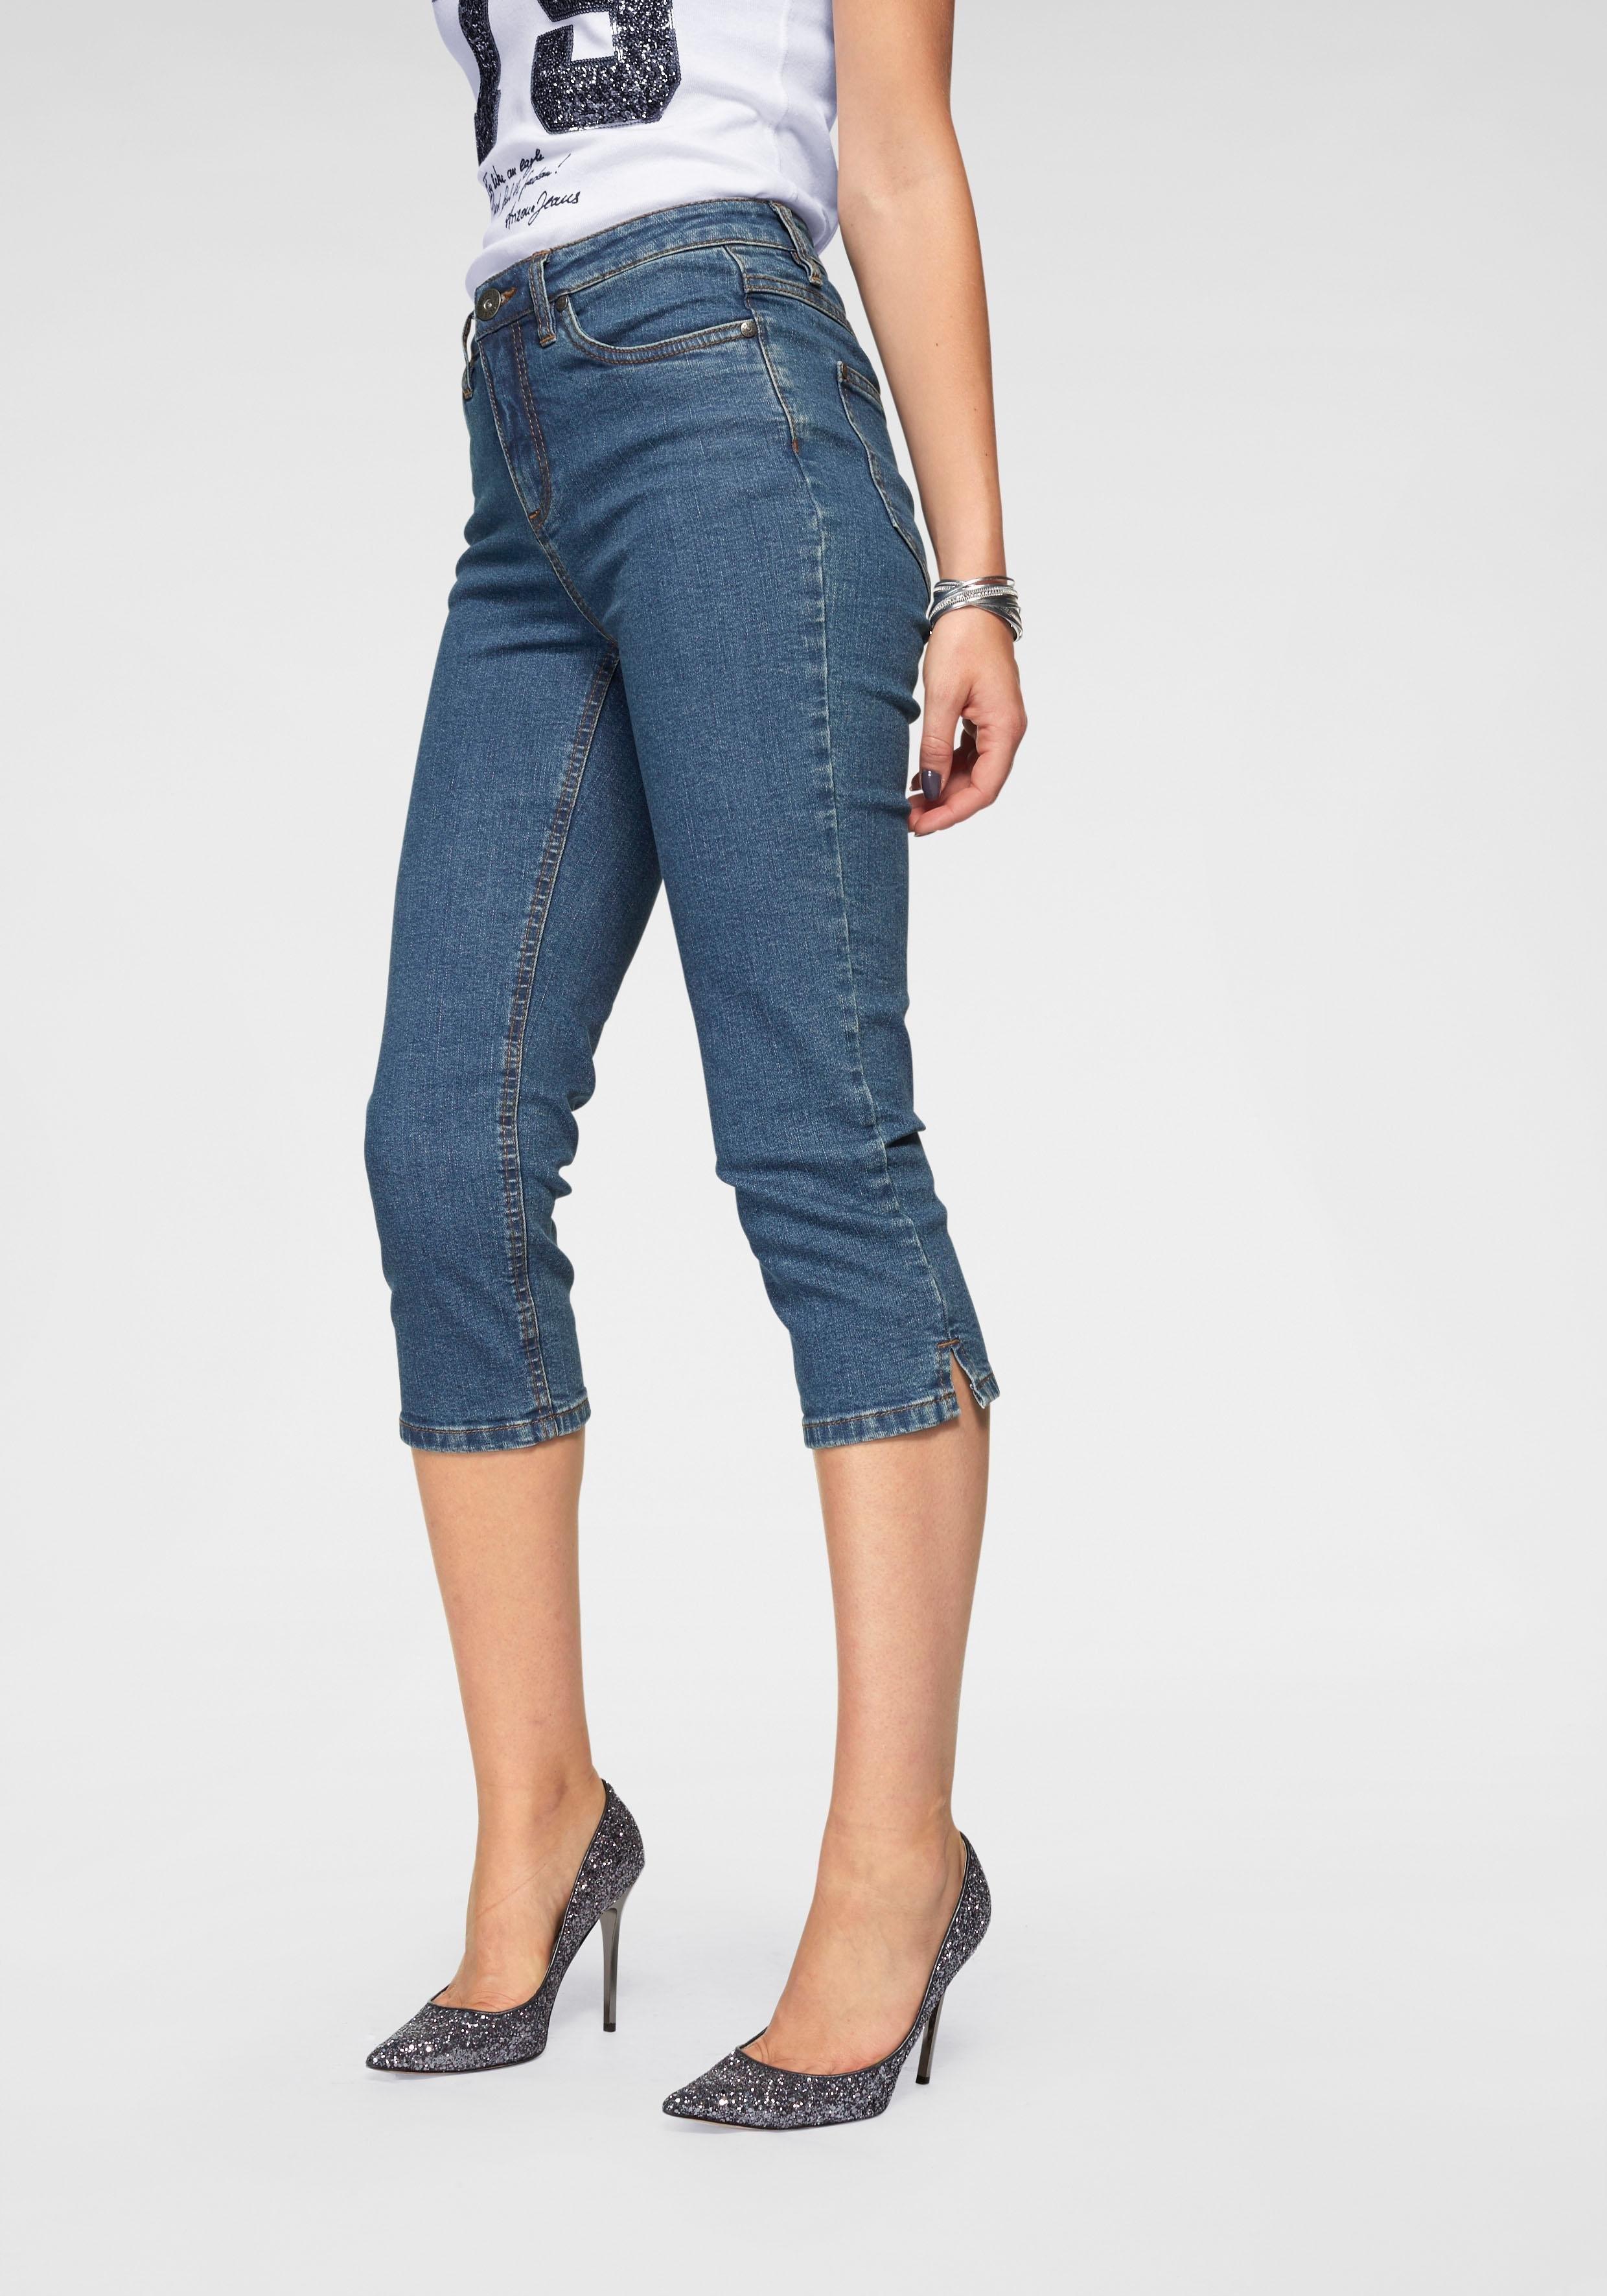 ARIZONA capri-jeans »Comfort-Fit« voordelig en veilig online kopen